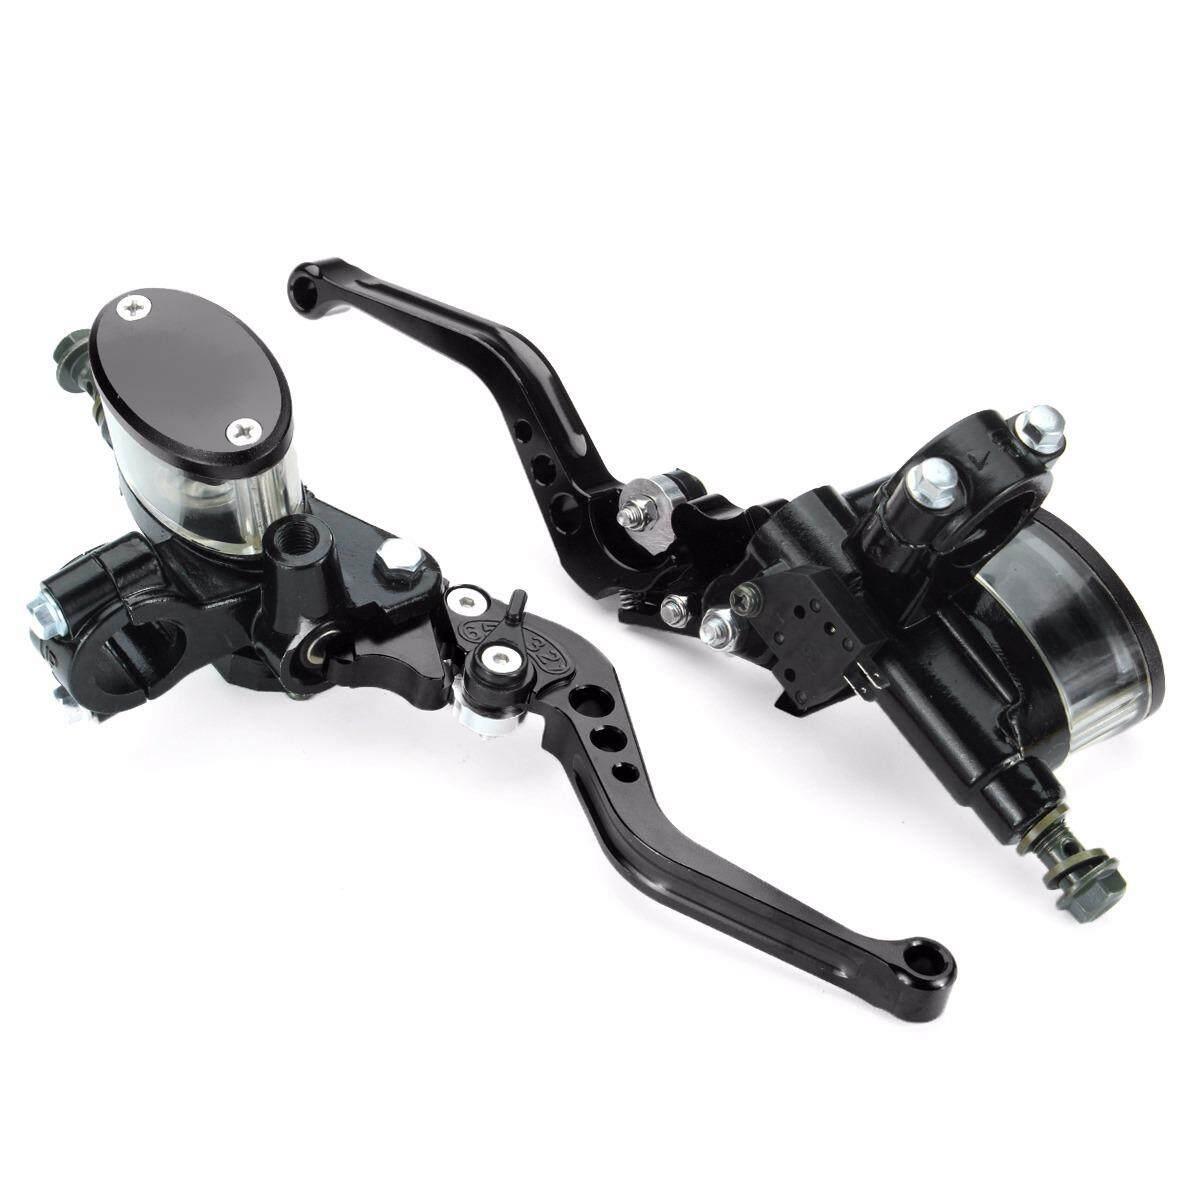 ขาย Universal Motorcycle Master Cylinder Reservoir Hydraulic Brake Clutch Lever Pair (Black) Intl ผู้ค้าส่ง